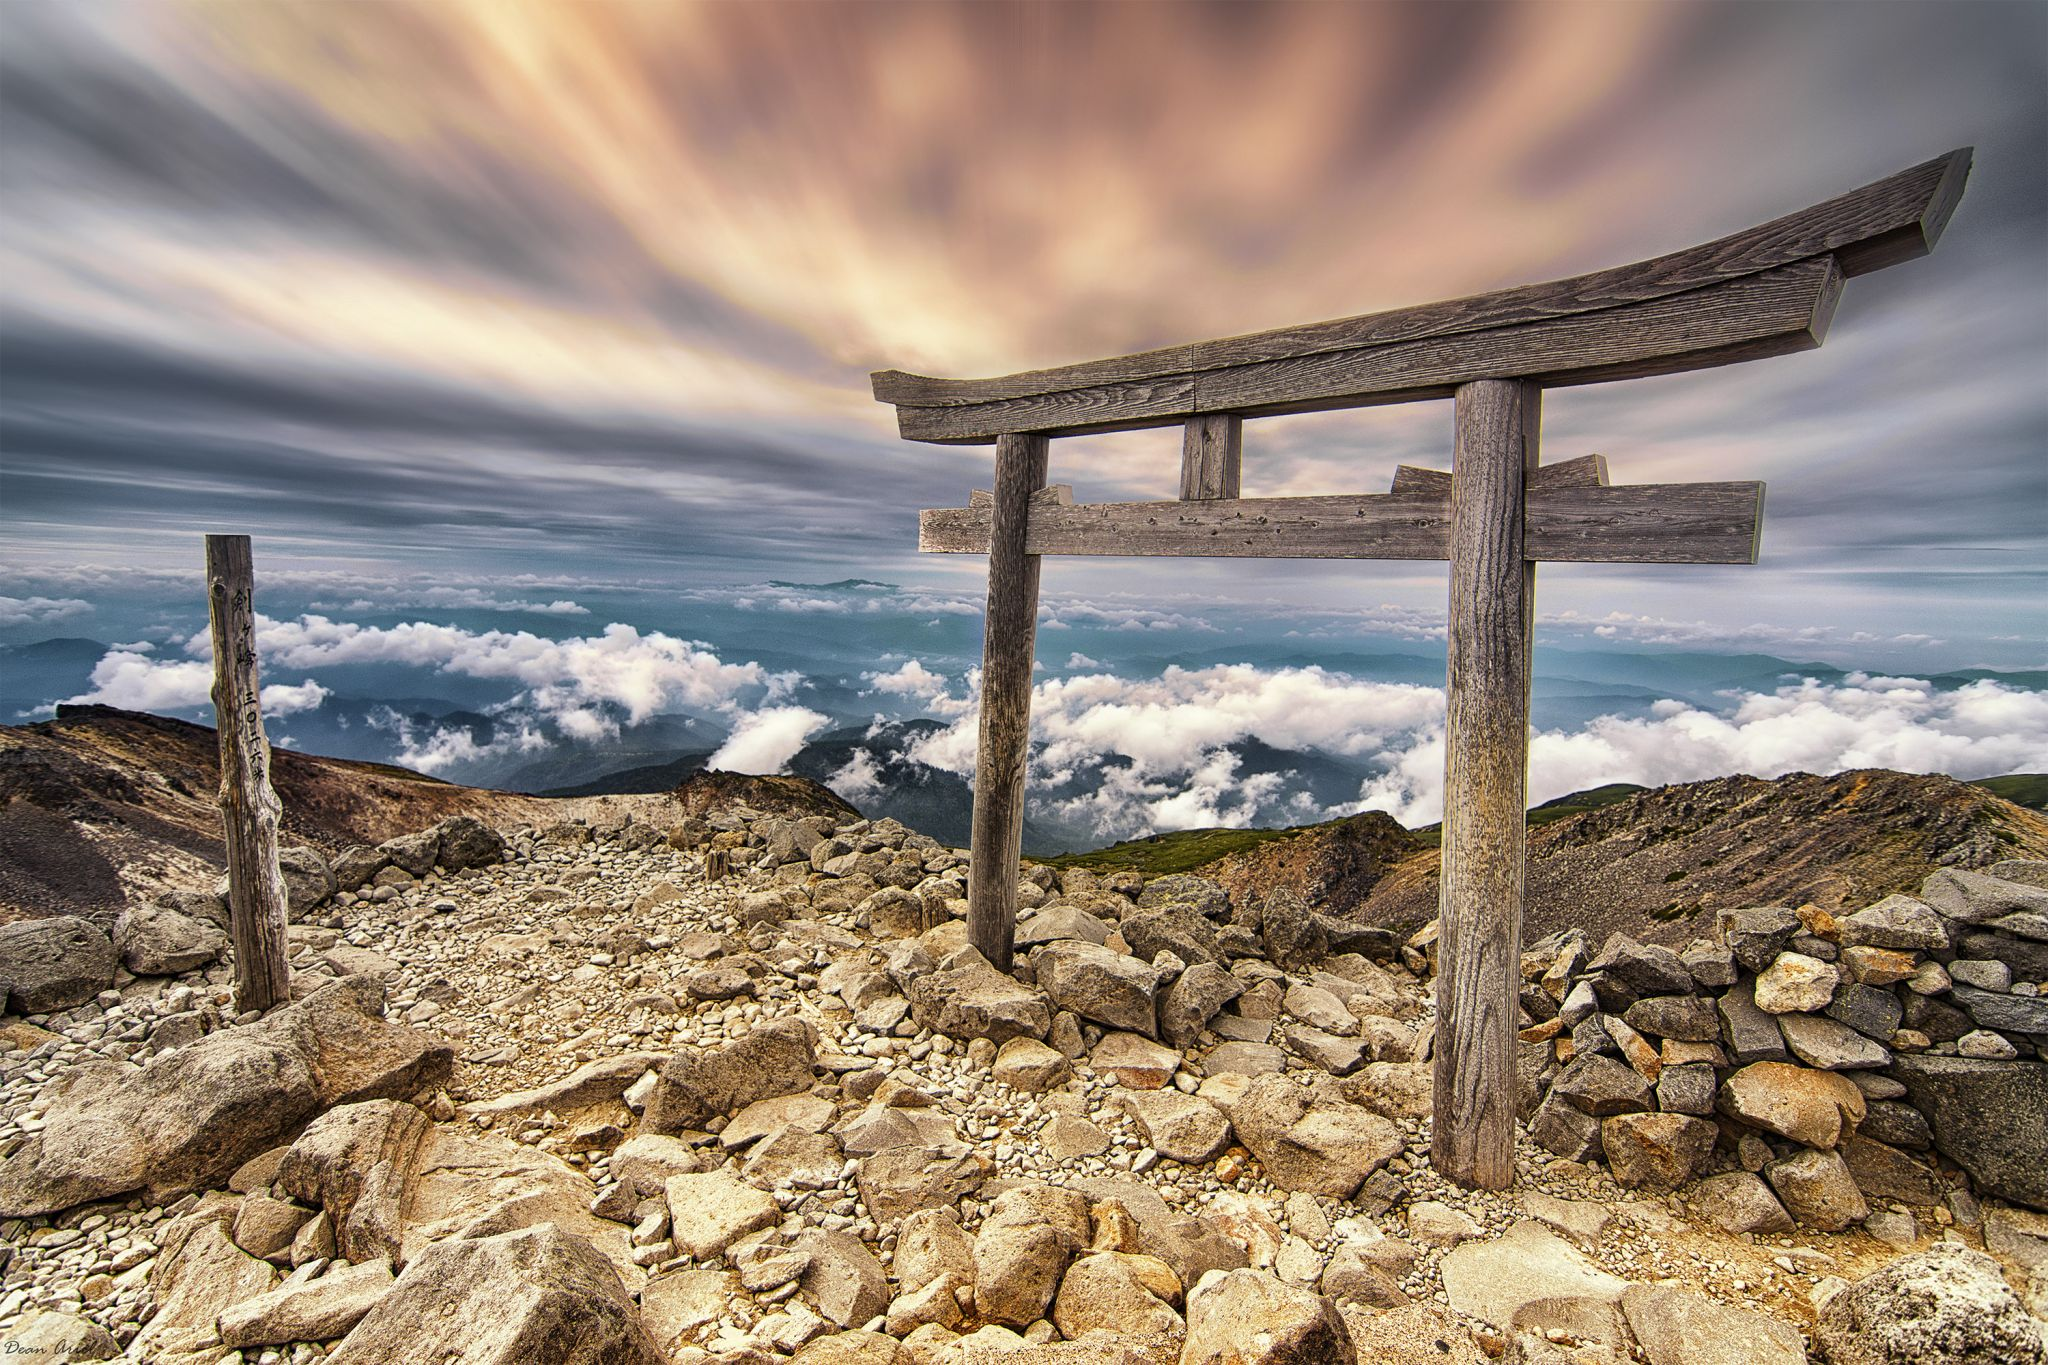 Mt Norikura, Japan